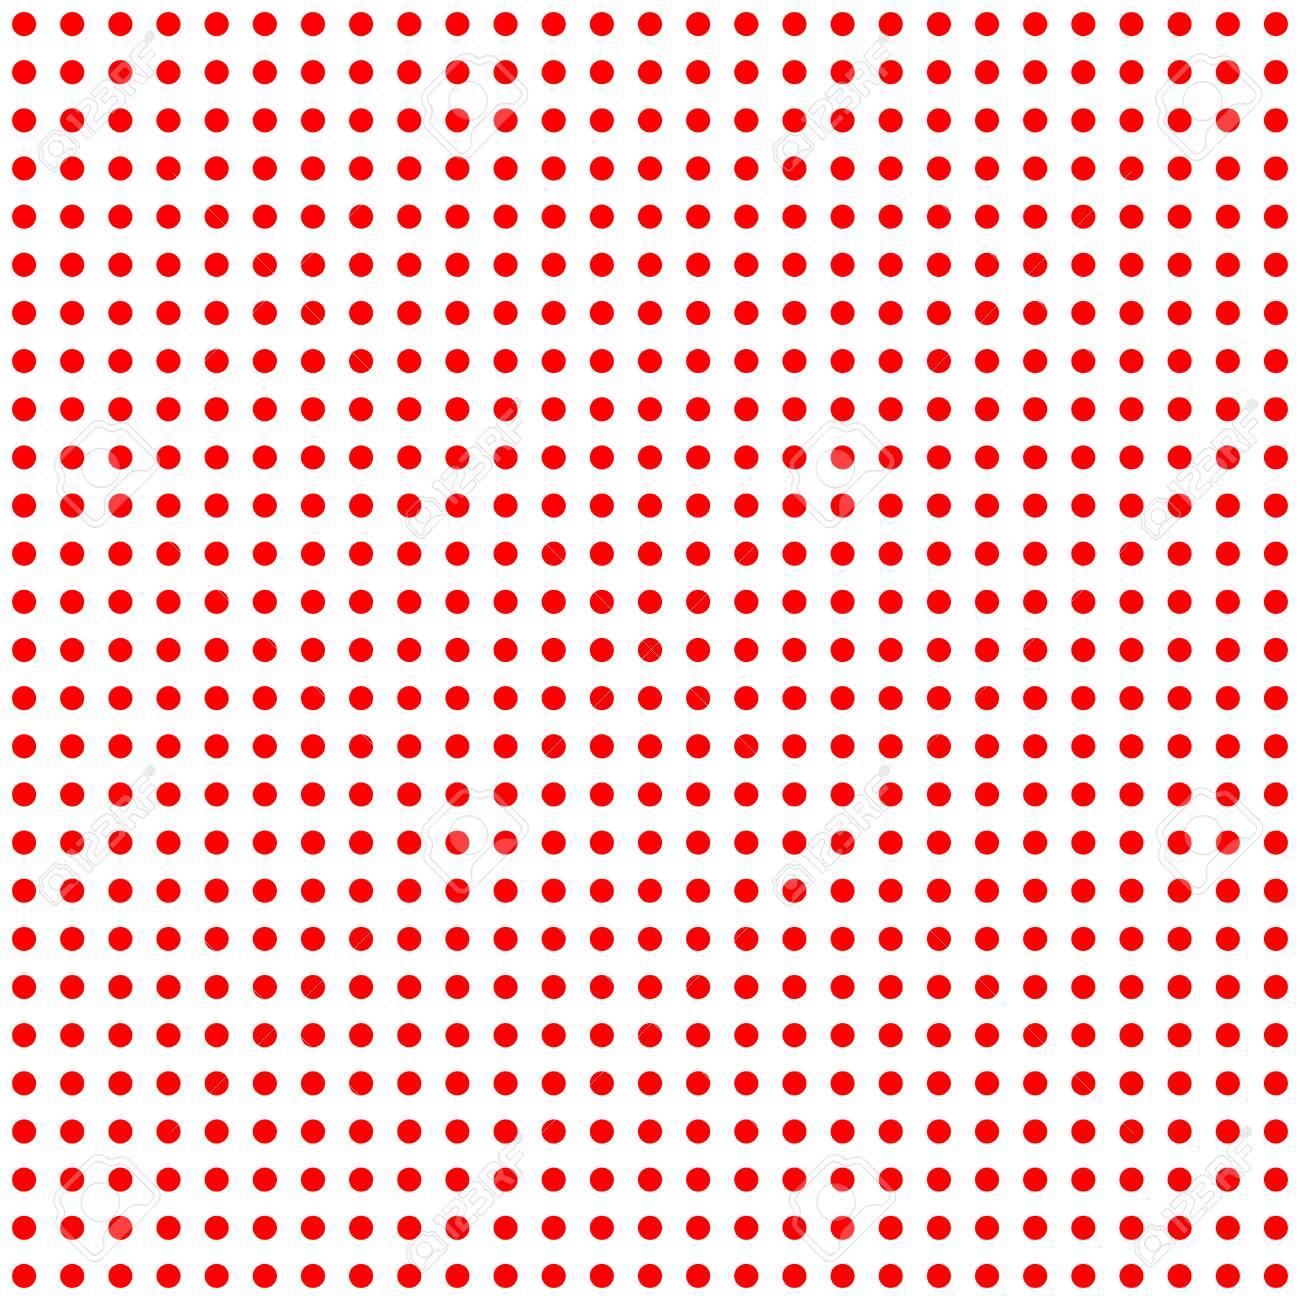 Rote Punkte Auf Weißem Hintergrund Große Nahtlose Muster Lizenzfreie ...